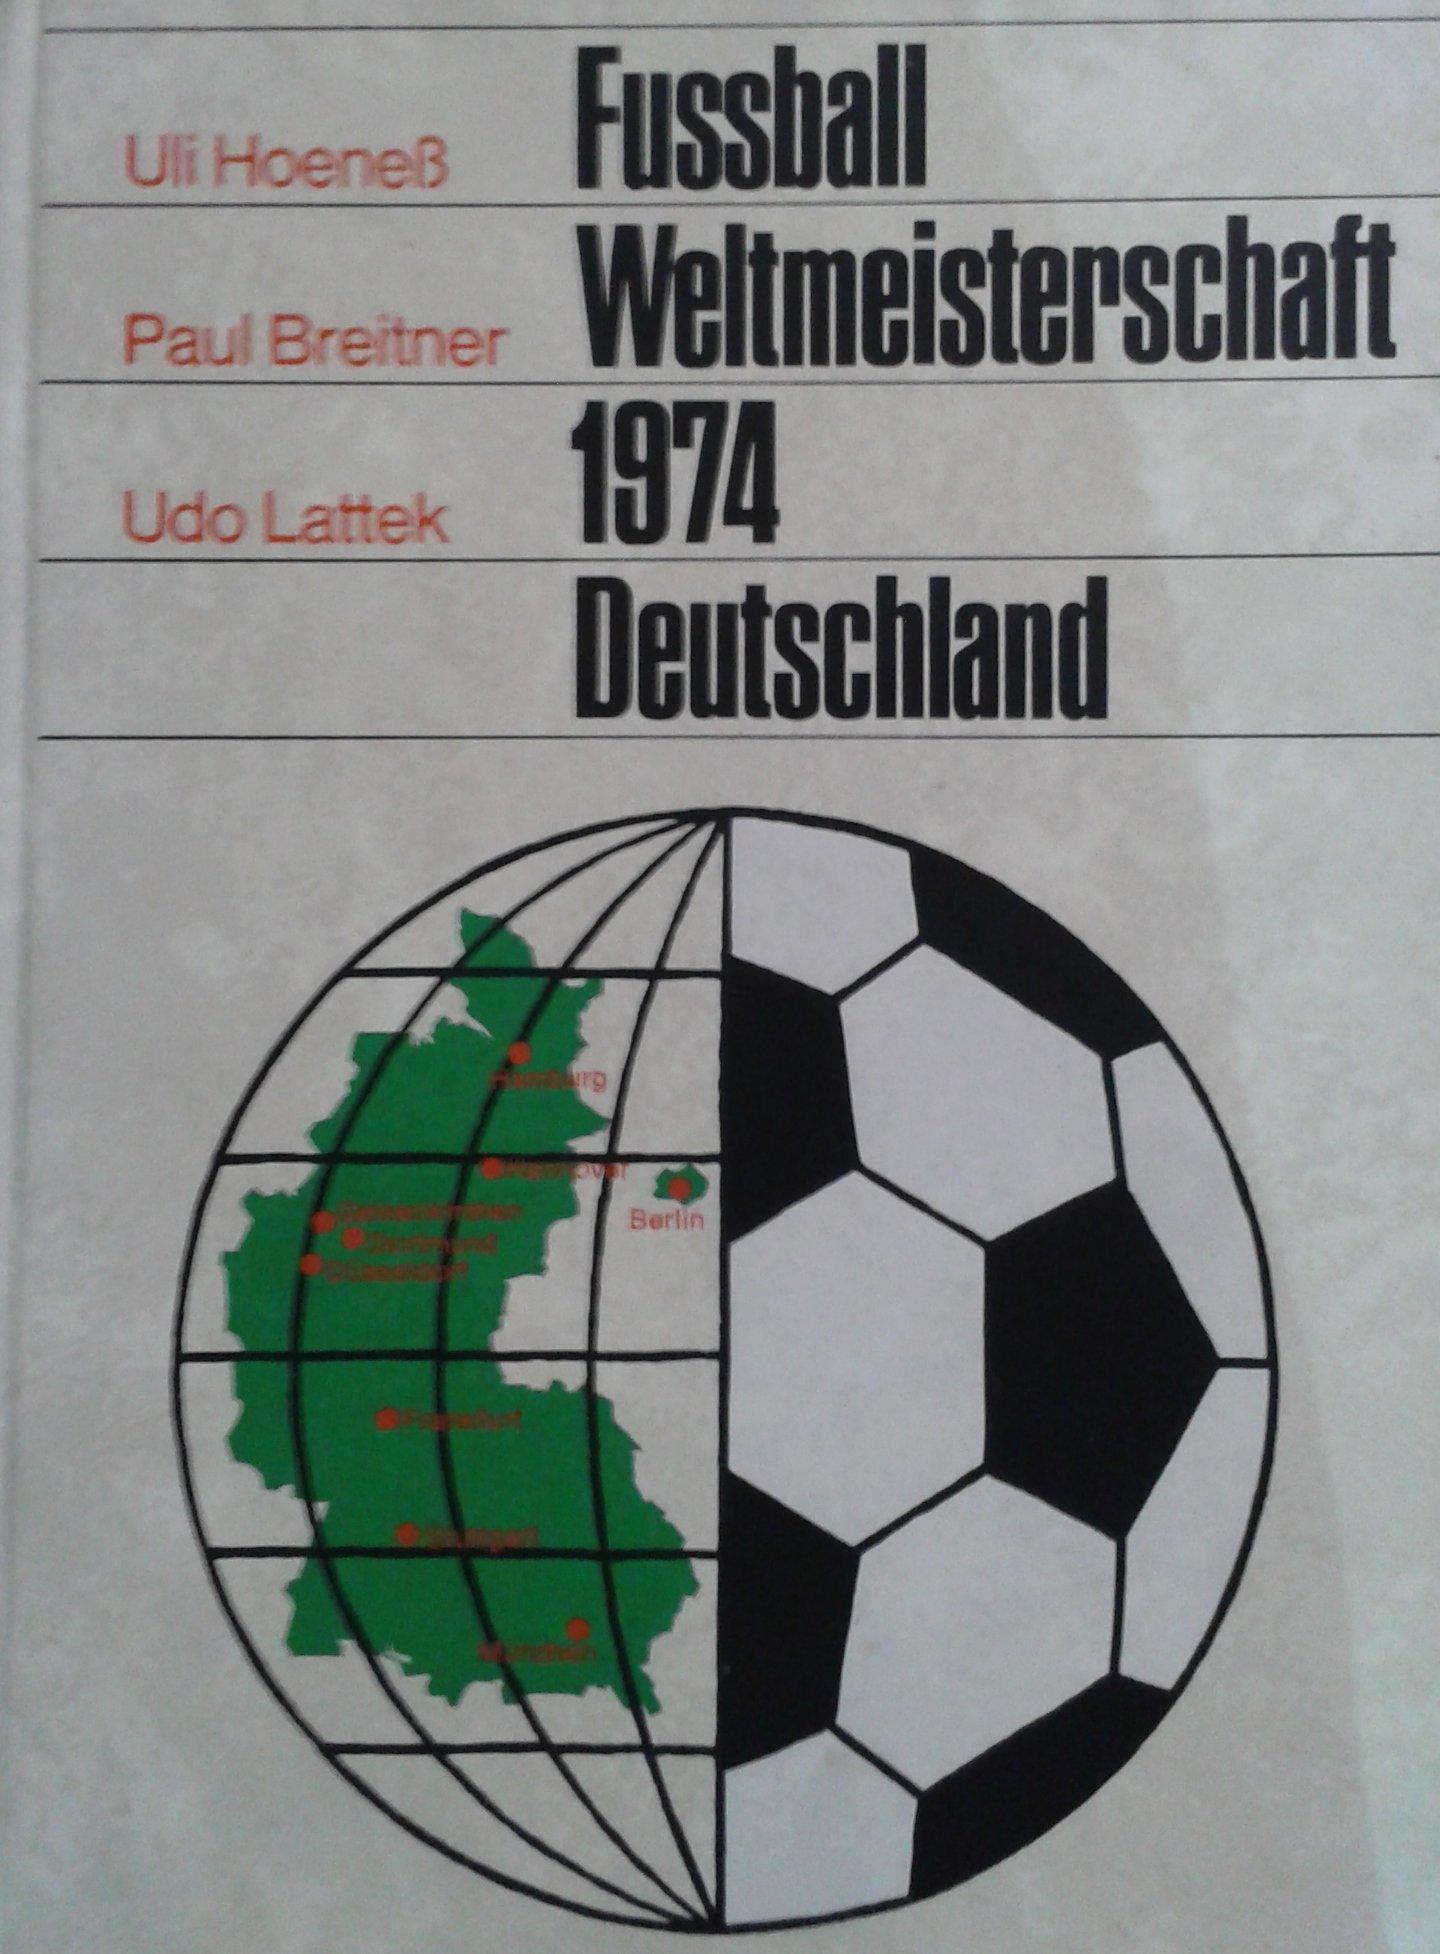 Fussball Weltmeisterschaft 1974 Deutschland Amazon De Uli